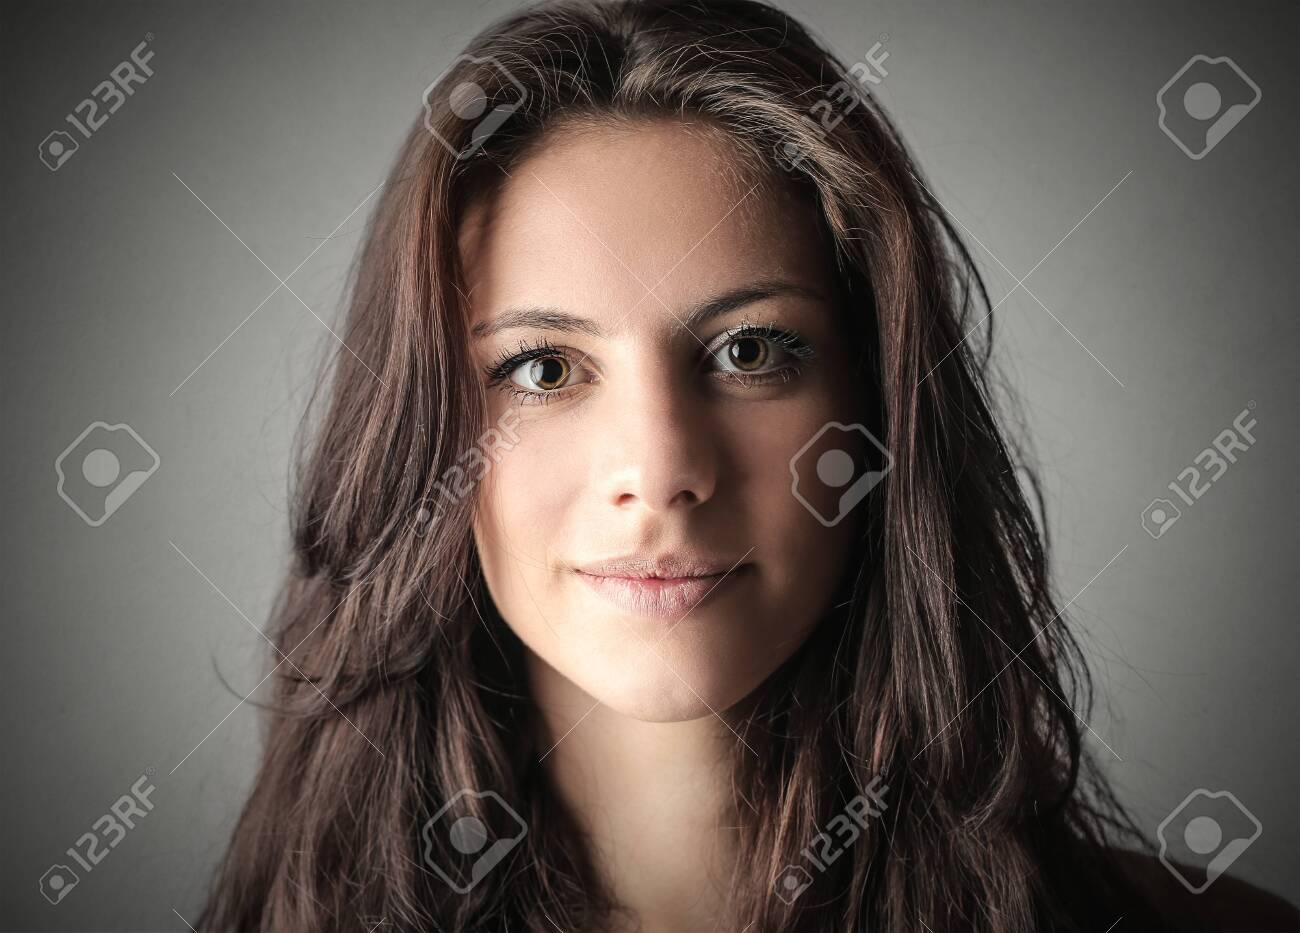 Brunette woman's portrait - 124091643